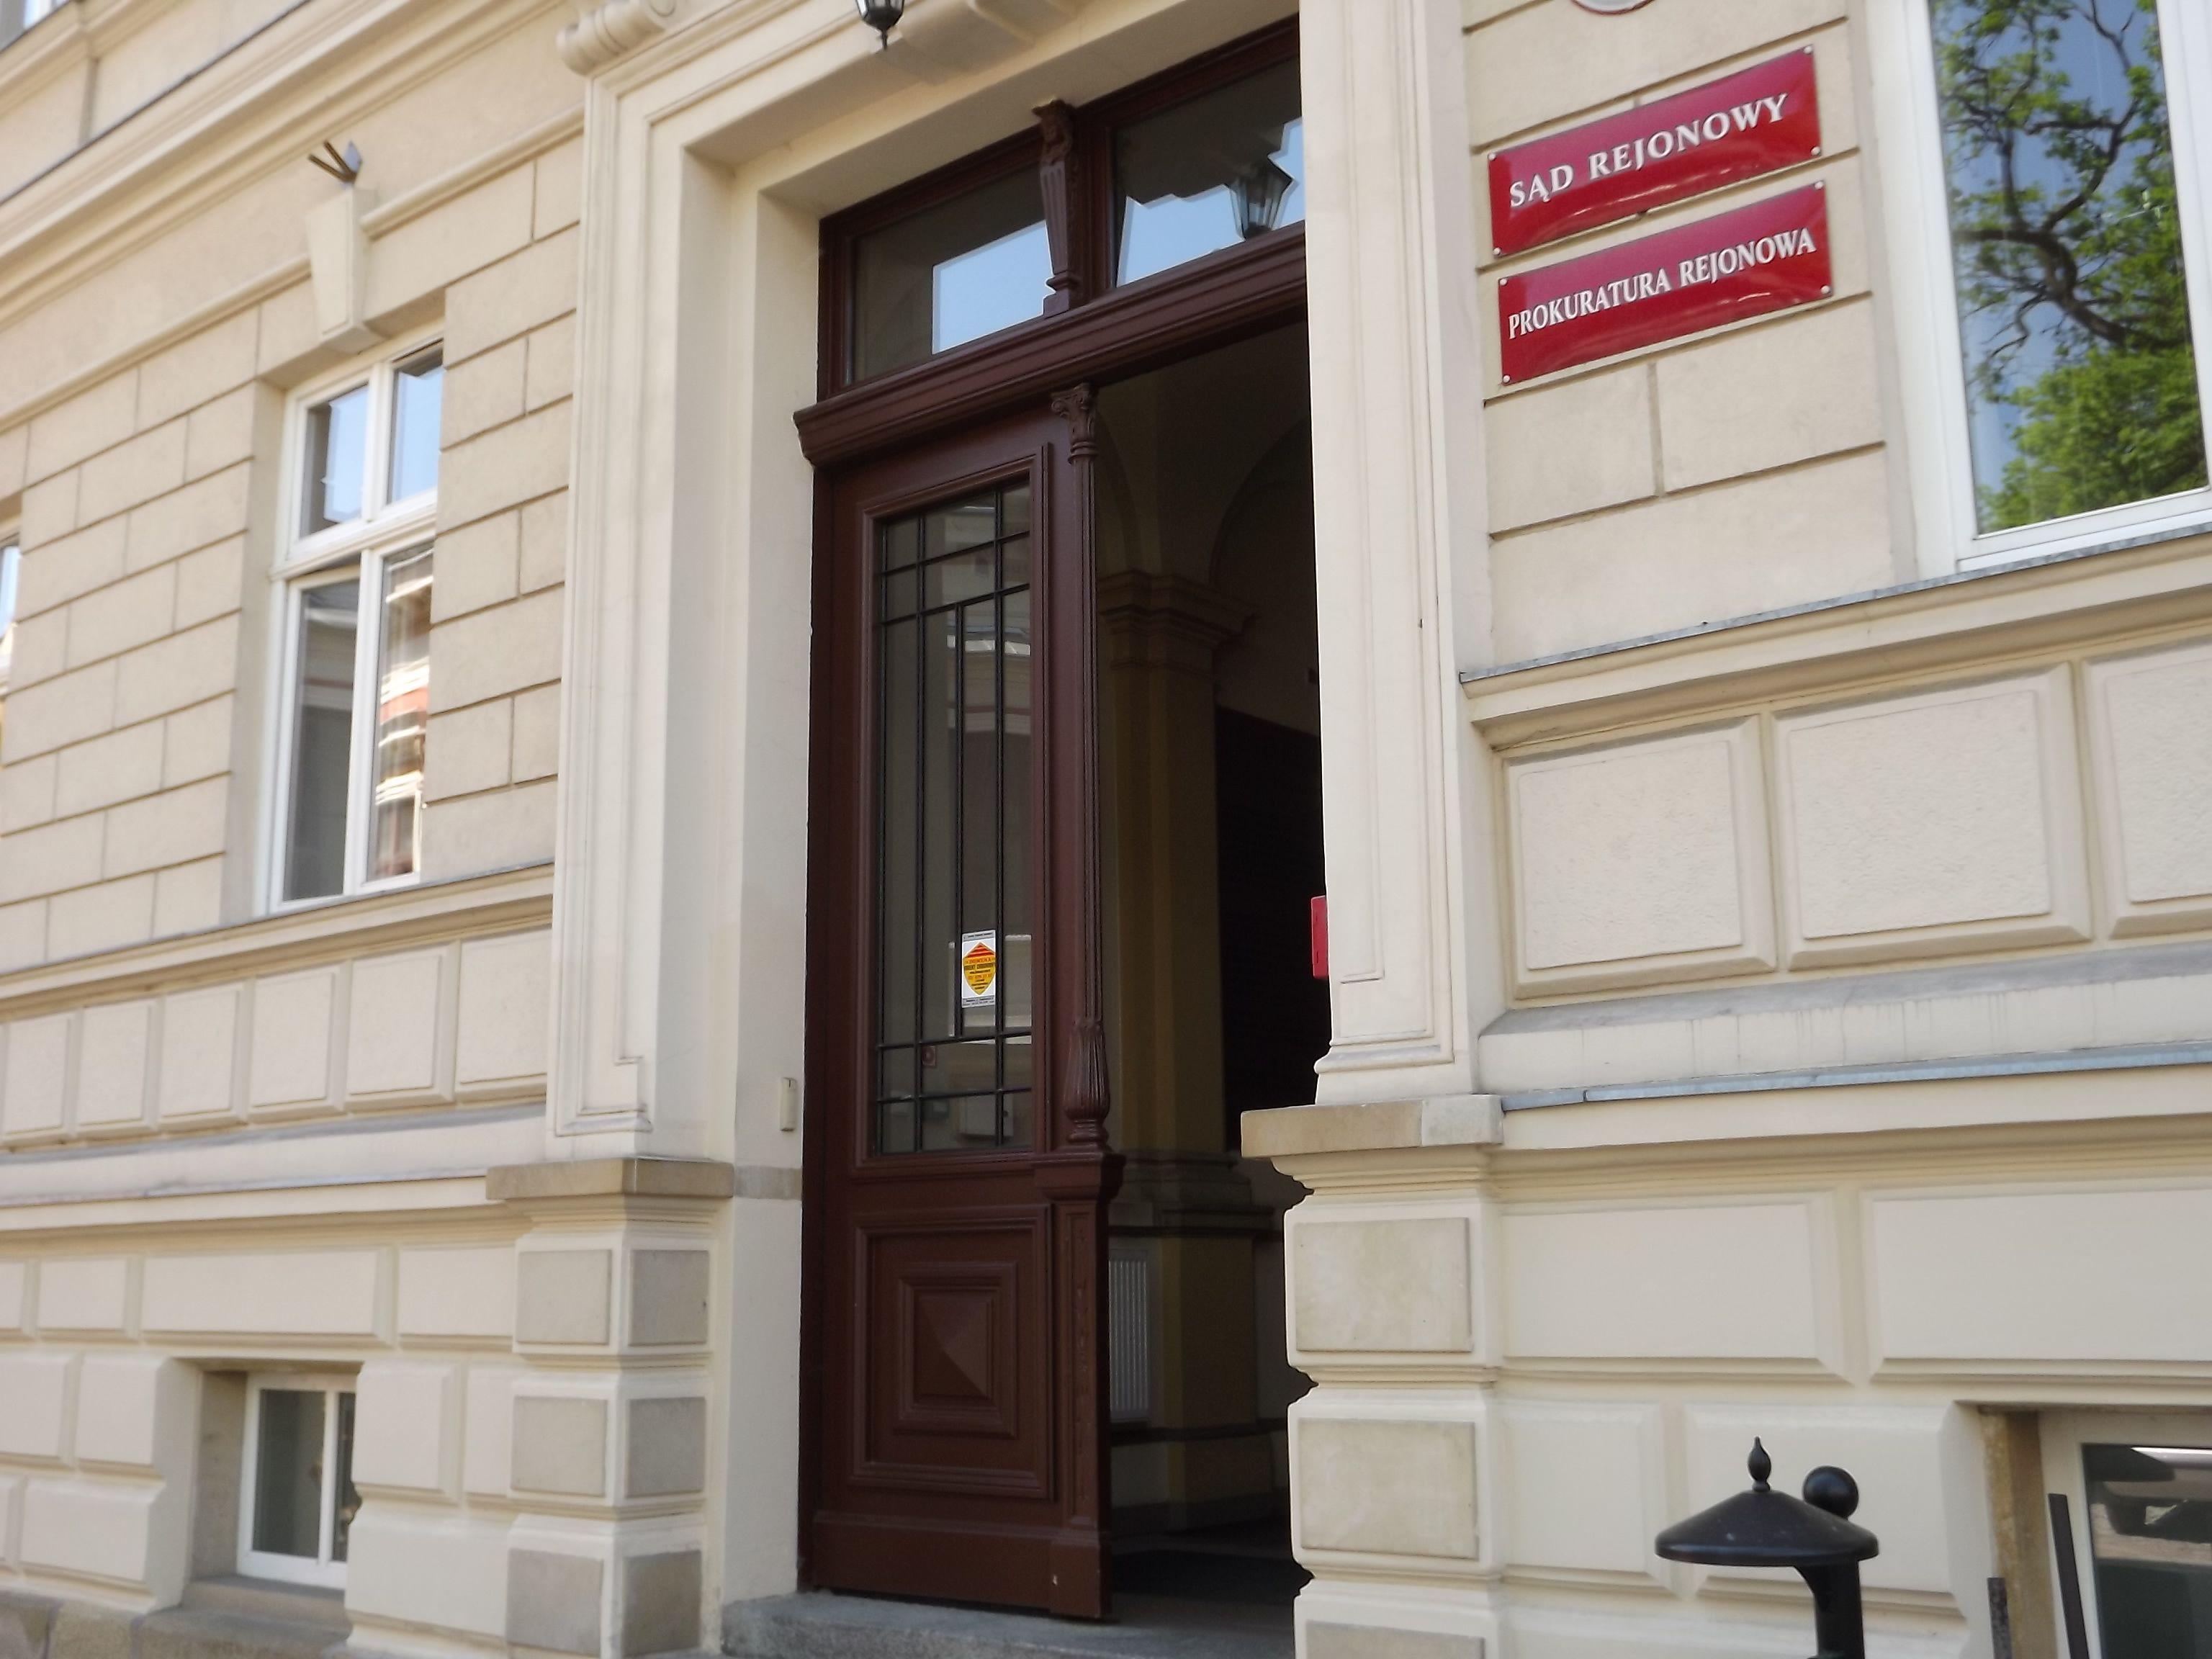 Ministerstwo nie cofnie niekorzystnej dla mieszkańców reformy dokonanej przez poprzedników